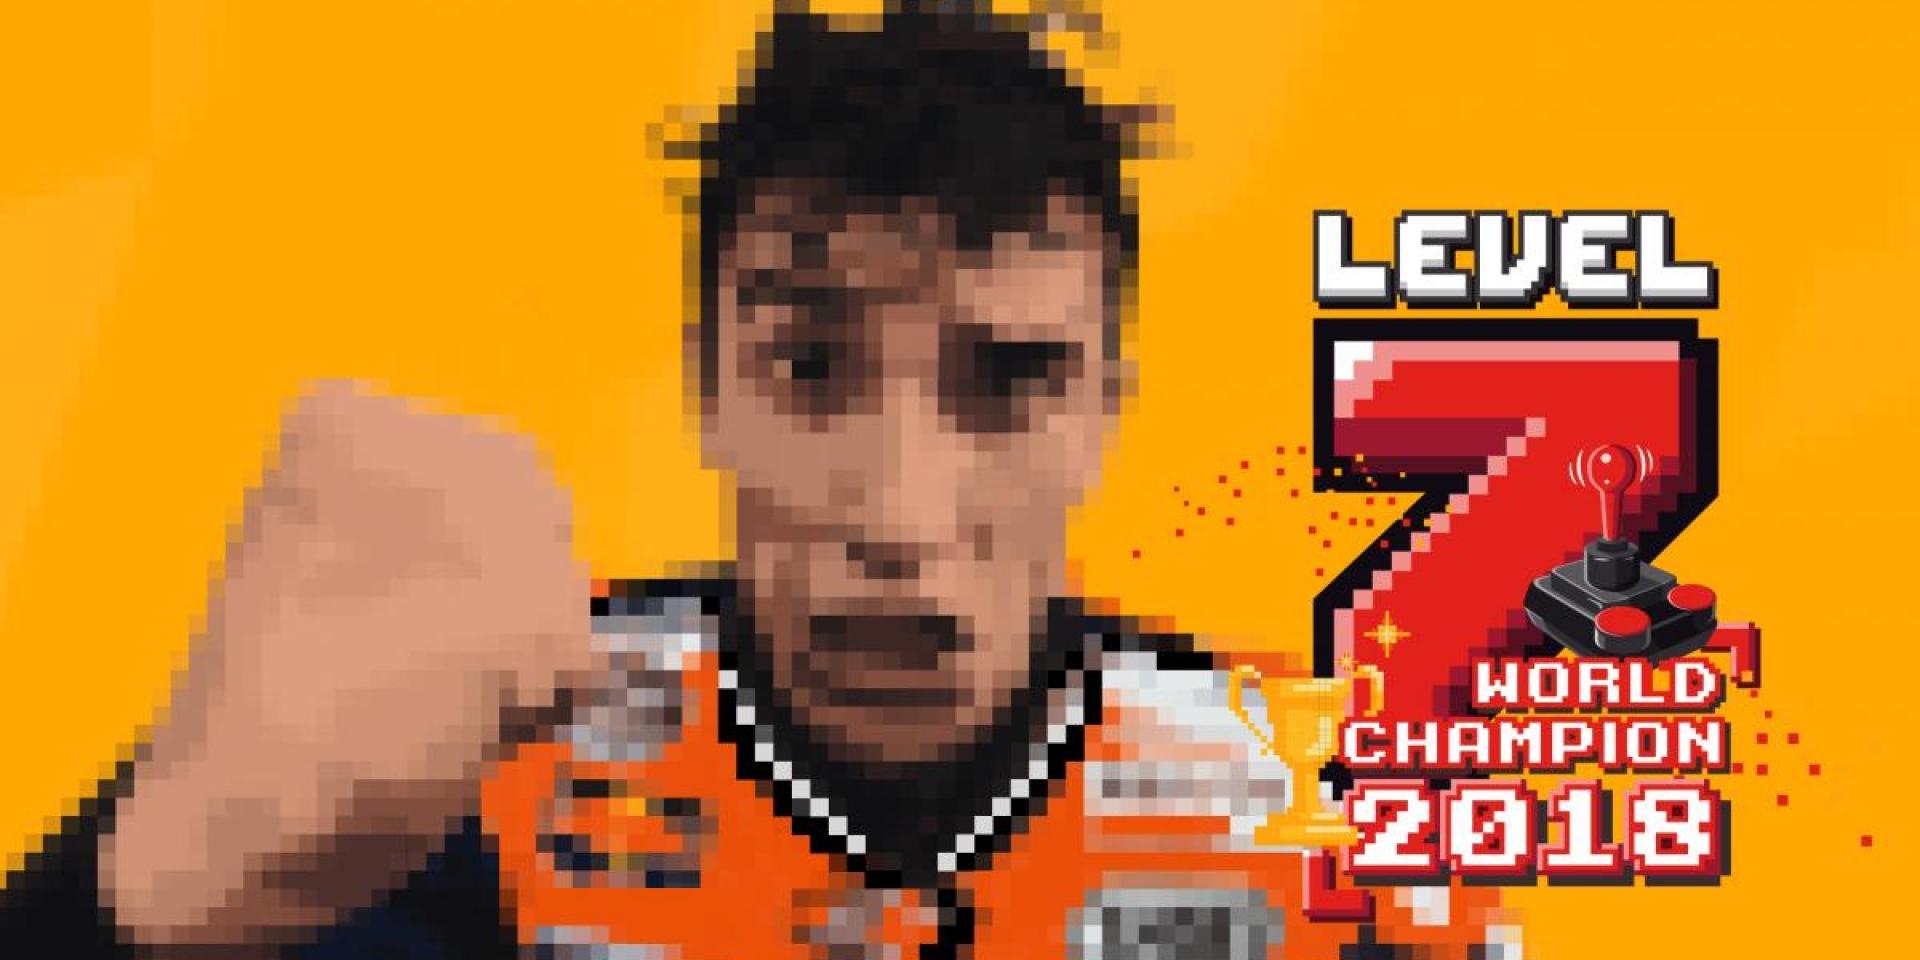 升等Level 7再度解鎖世界冠軍成就! Marc Marquez日本站提前封王!